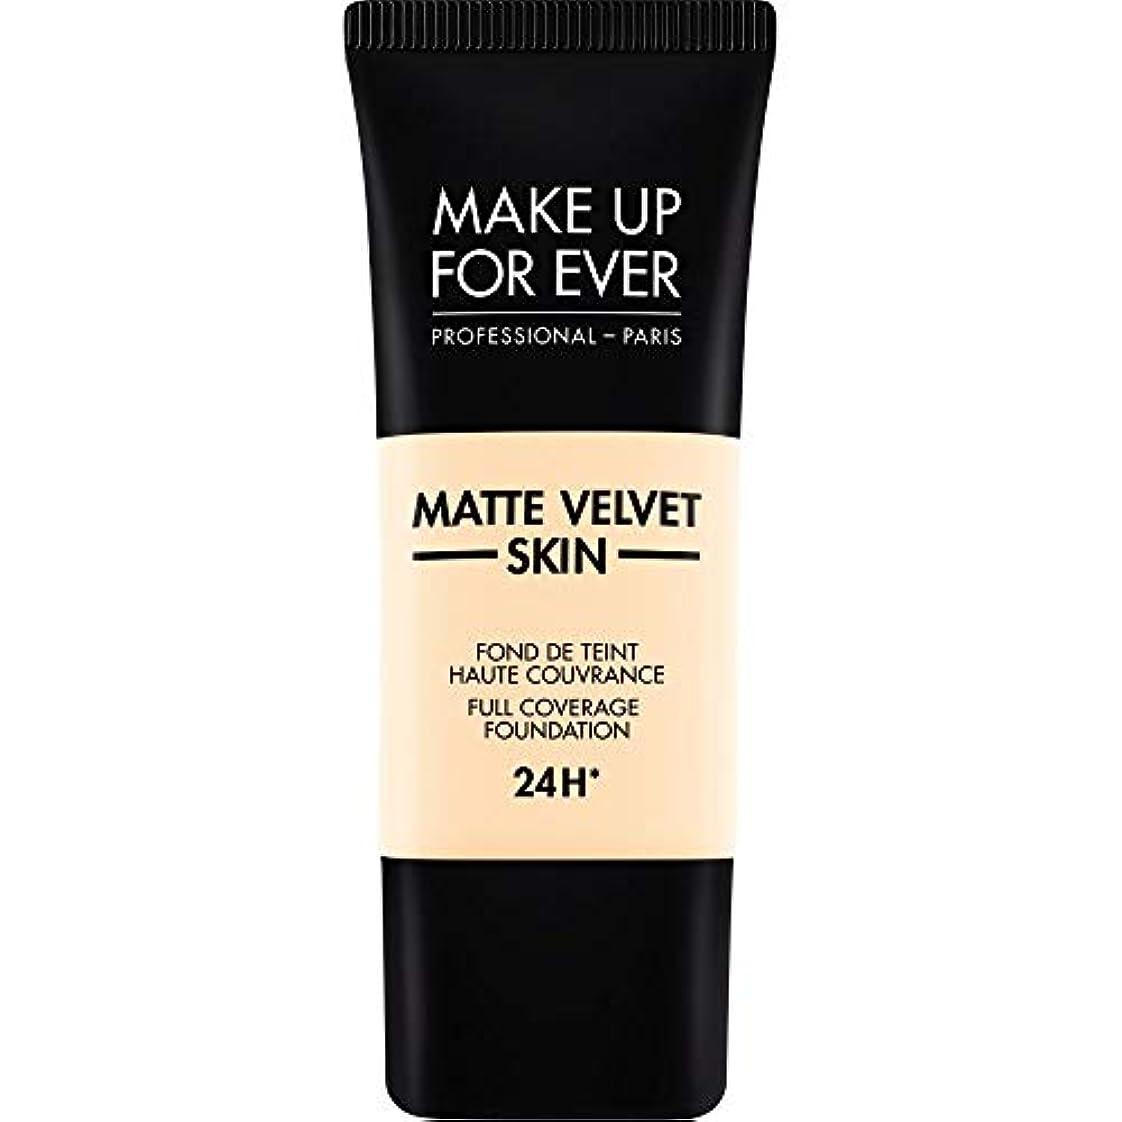 名前利点絞る[MAKE UP FOR EVER] これまでマットベルベットの皮膚のフルカバレッジ基礎30ミリリットルのY205を補う - アラバスター - MAKE UP FOR EVER Matte Velvet Skin Full Coverage Foundation 30ml Y205 - Alabaster [並行輸入品]